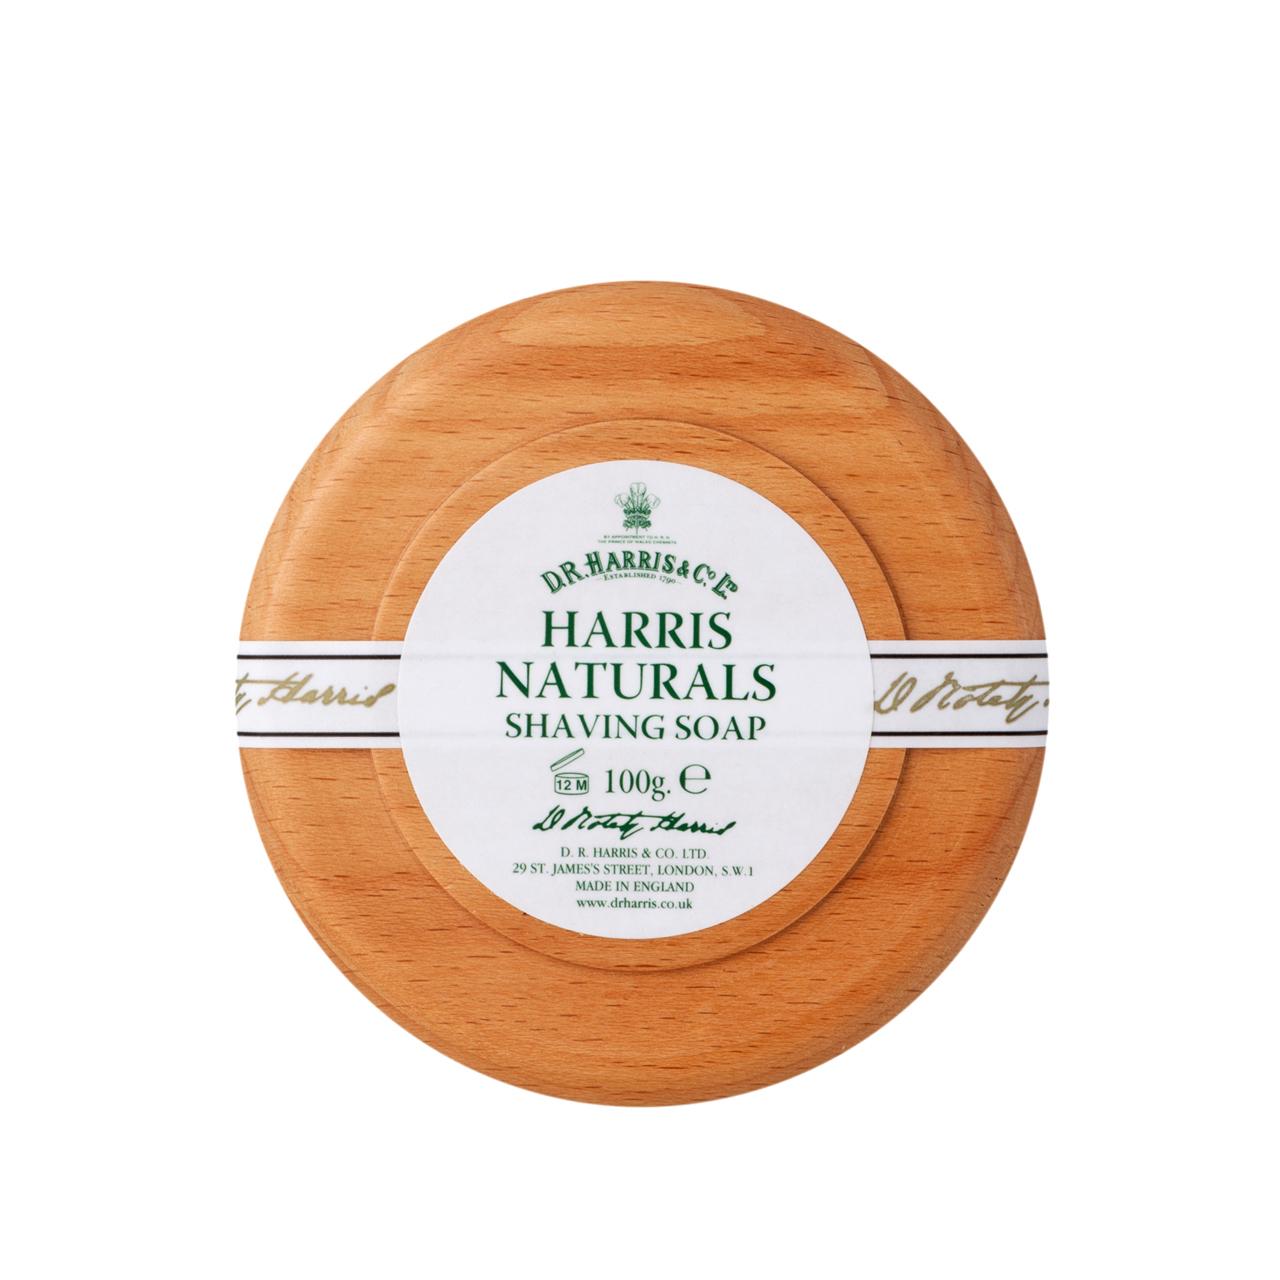 Naturals - Shaving Soap Bowl